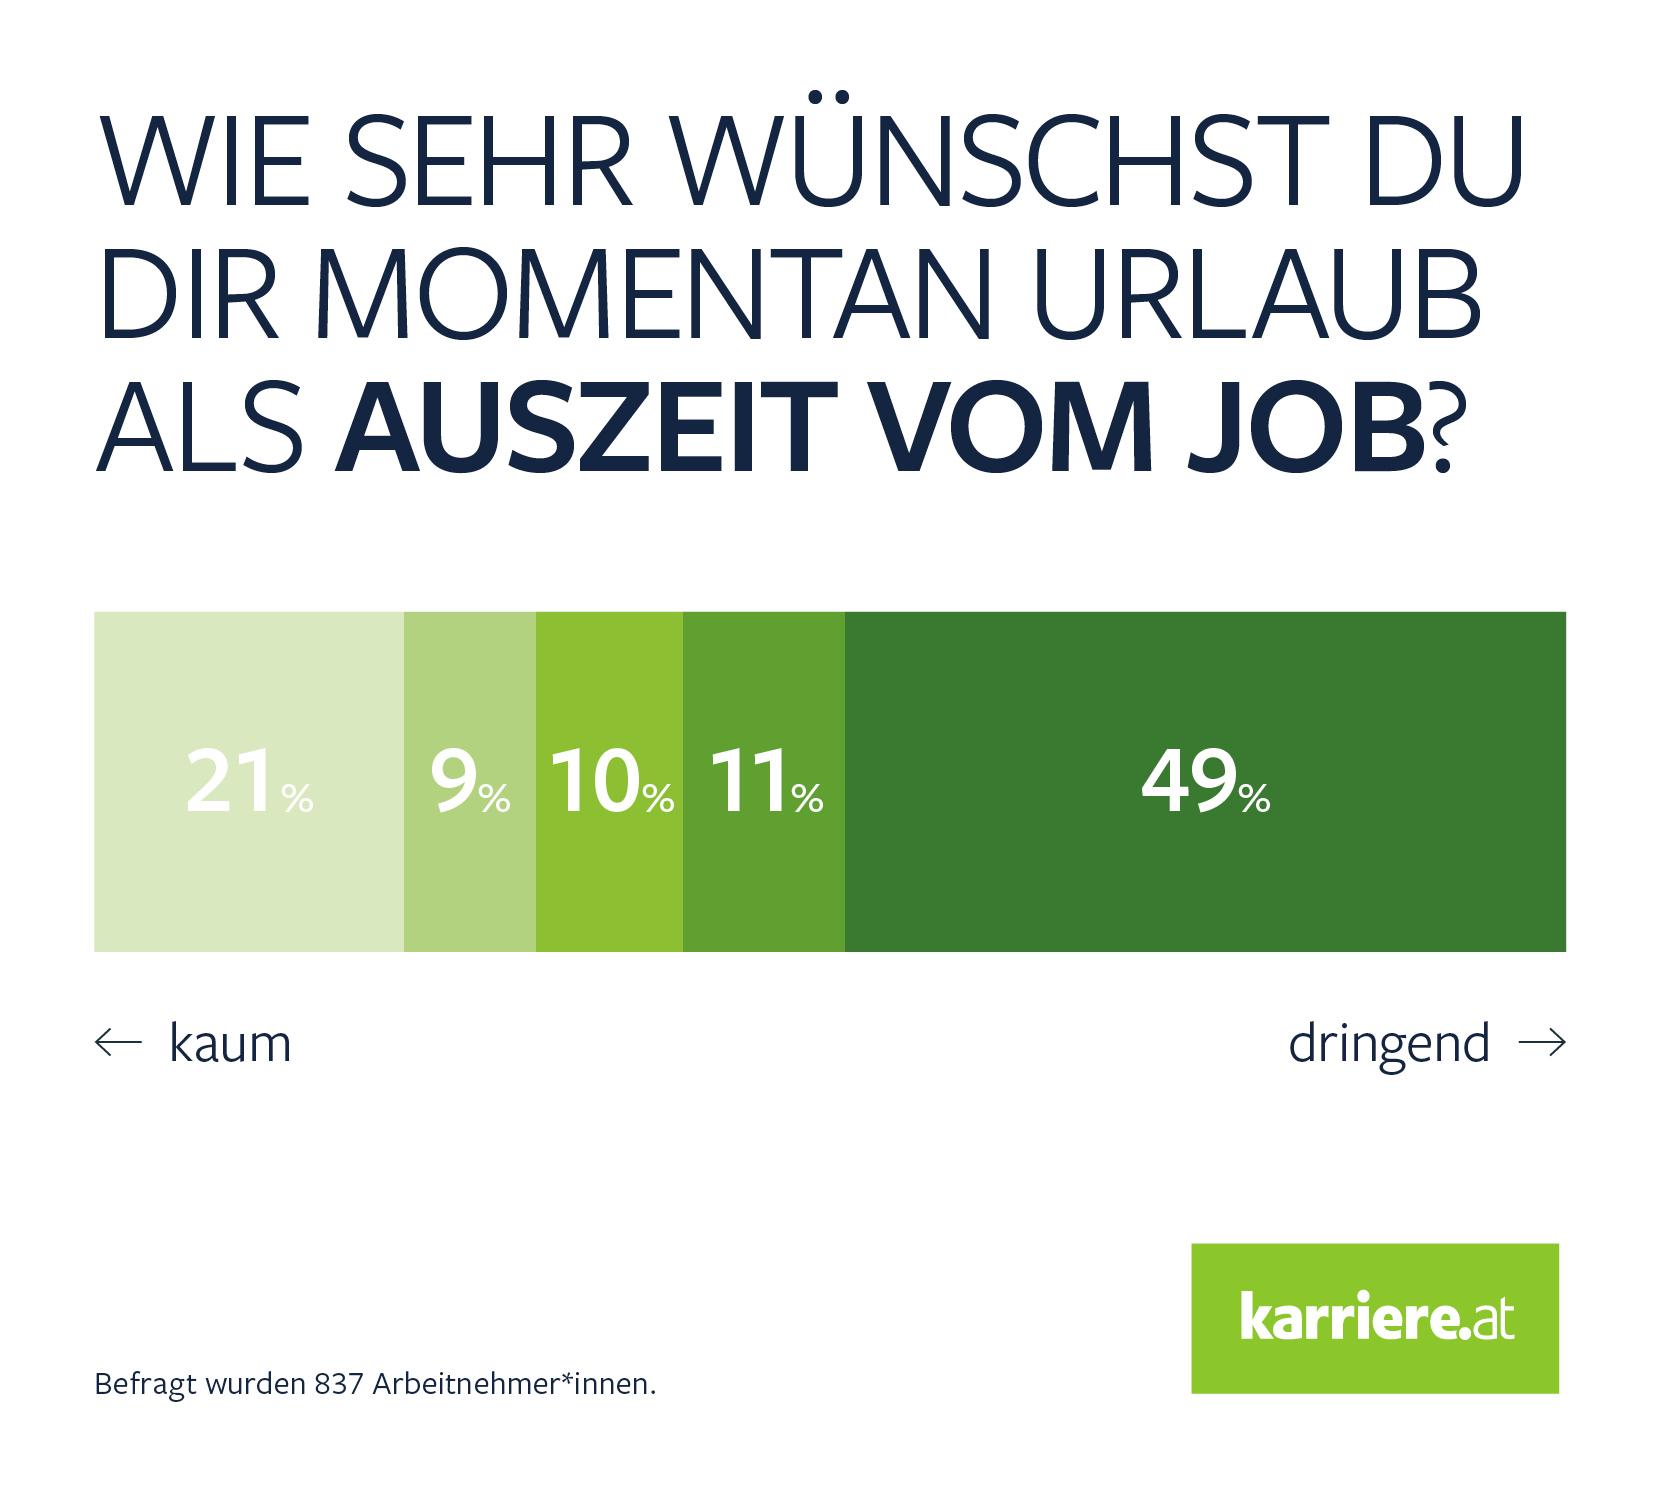 Umfrage Auszeit vom Job B2 C